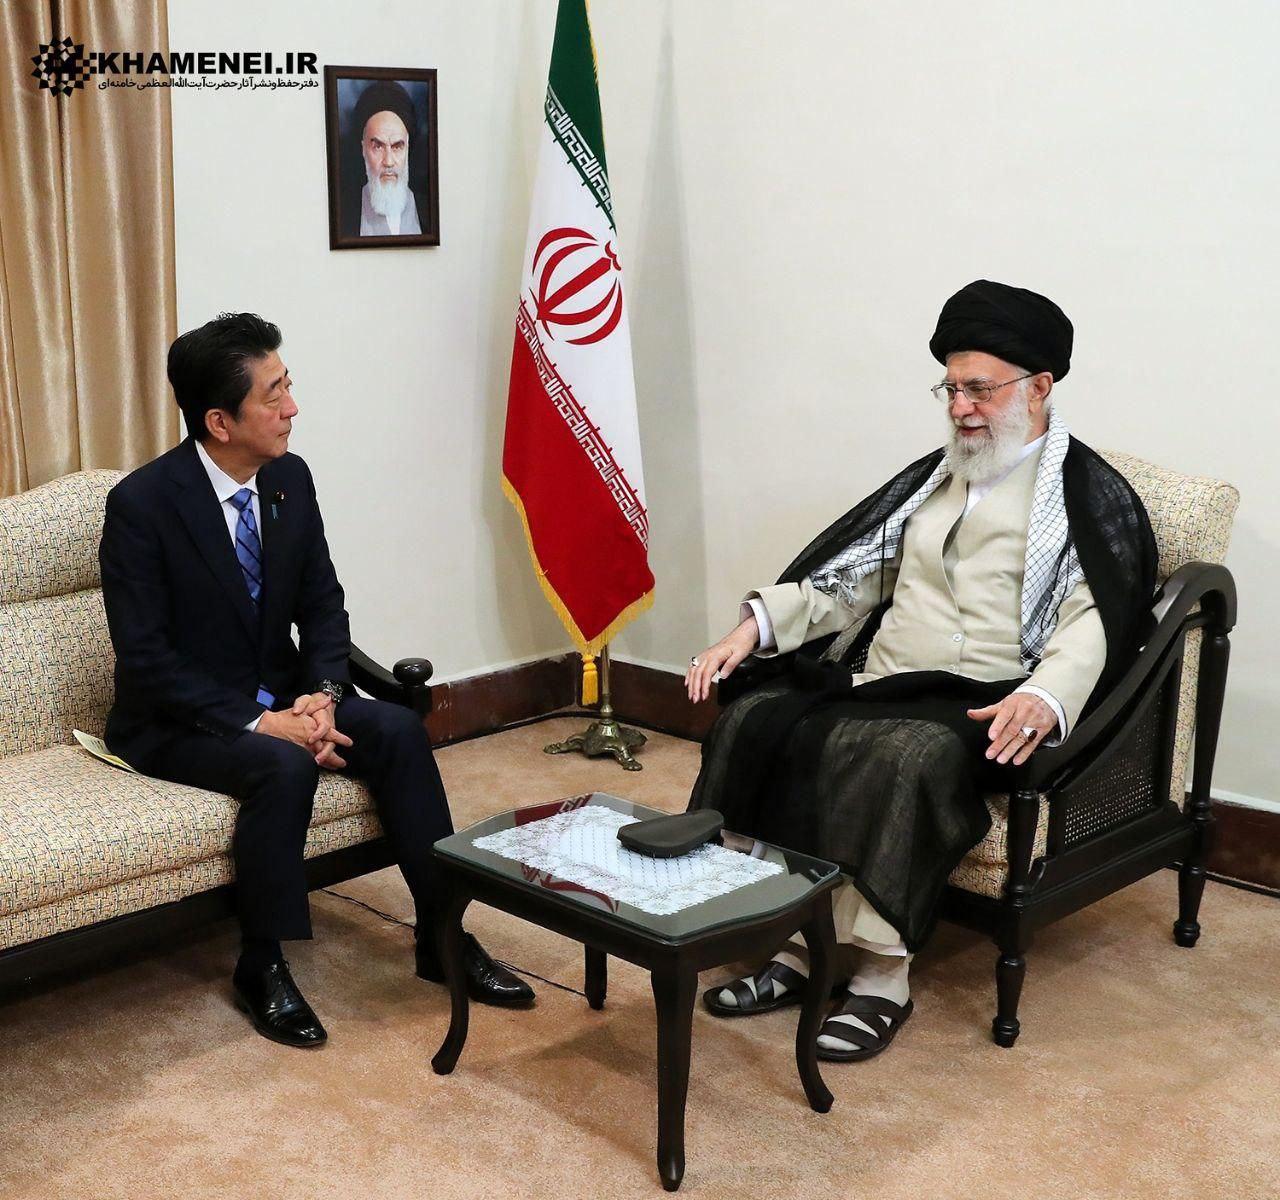 حضرت آیت الله خامنه ای در دیدار با نخست وزیر ژاپن: ما در حسن نیت و جدی بودن شما تردیدی نداریم اما ترامپ را شایسته مبادله پیام نمیدانم با آمریکا مذاکره نخواهیم کرد